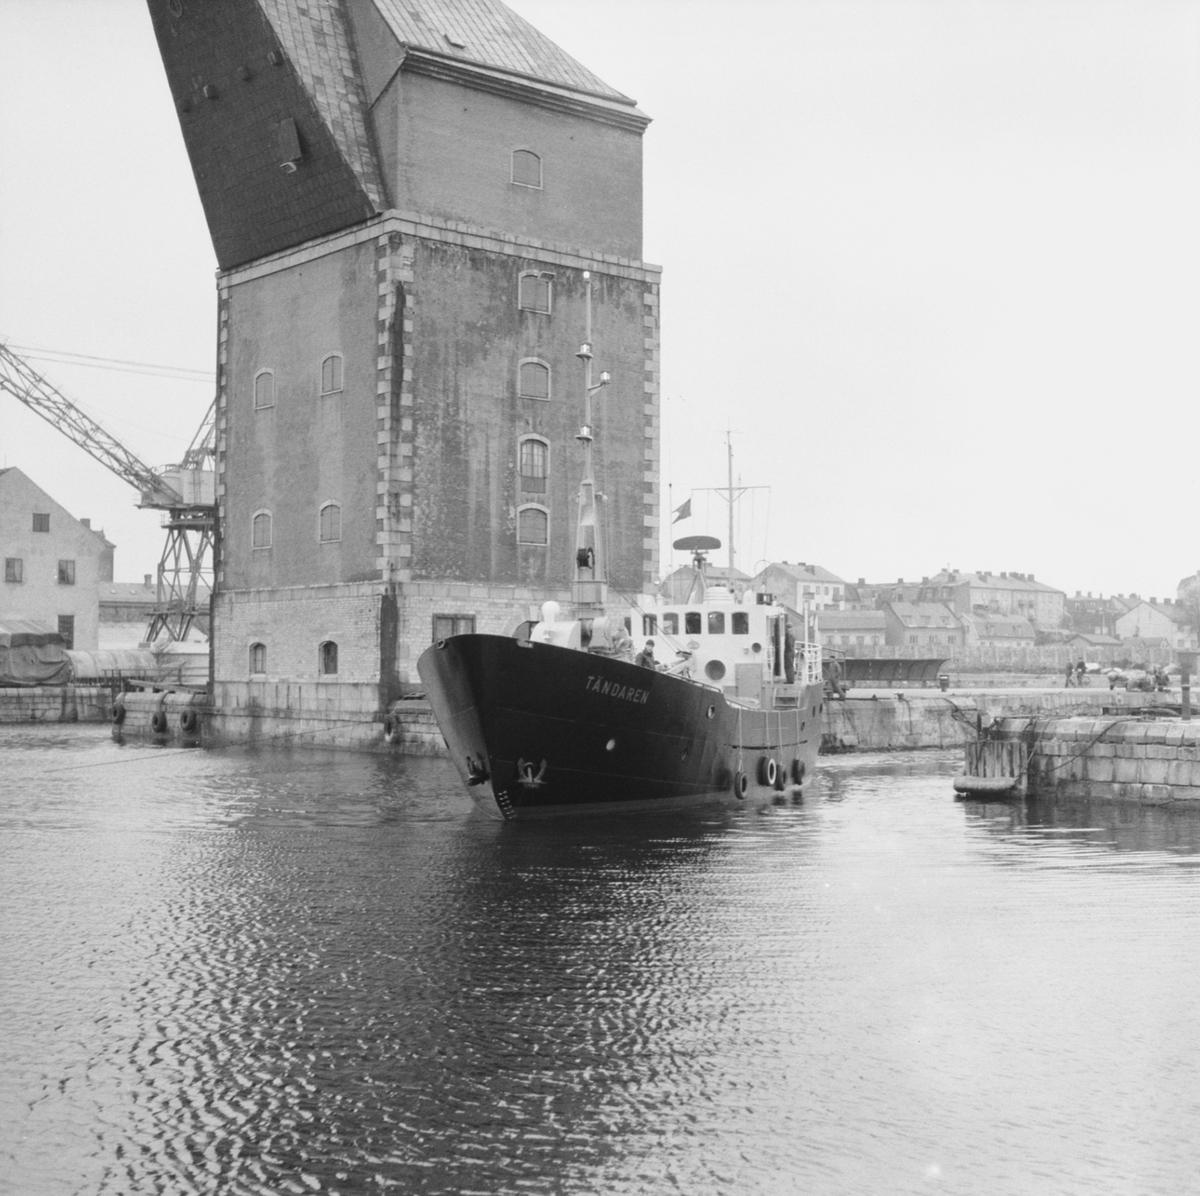 Fartyg: TÄNDAREN                        Övrigt: Gasningsjakt Tändaren, vid kaj i svajningsrummet